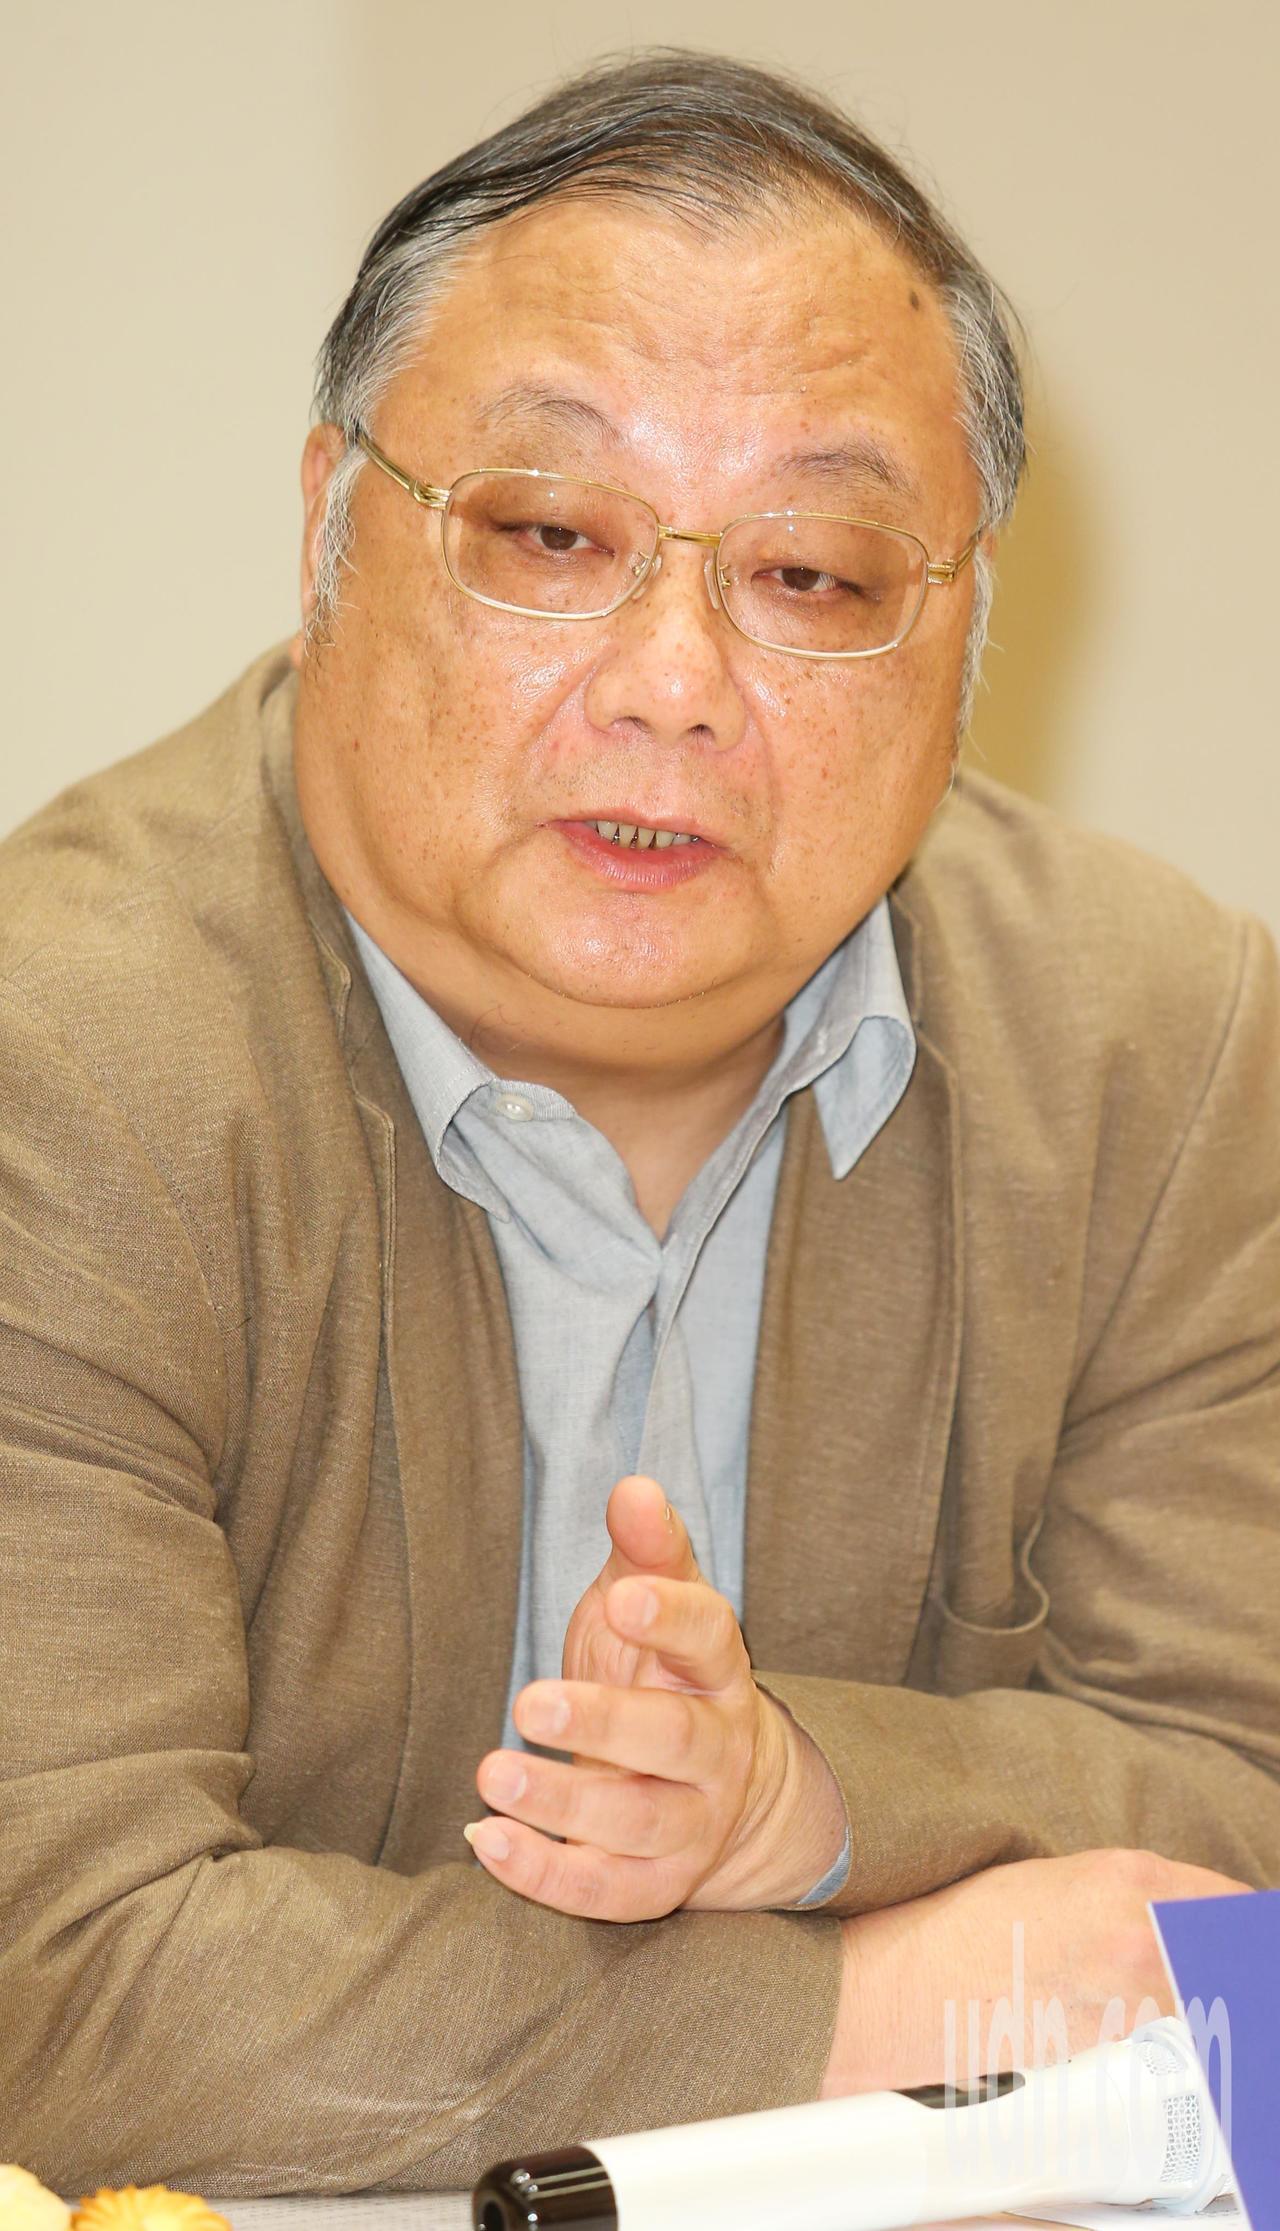 中華大學講座客座教授杜紫宸。本報資料照片